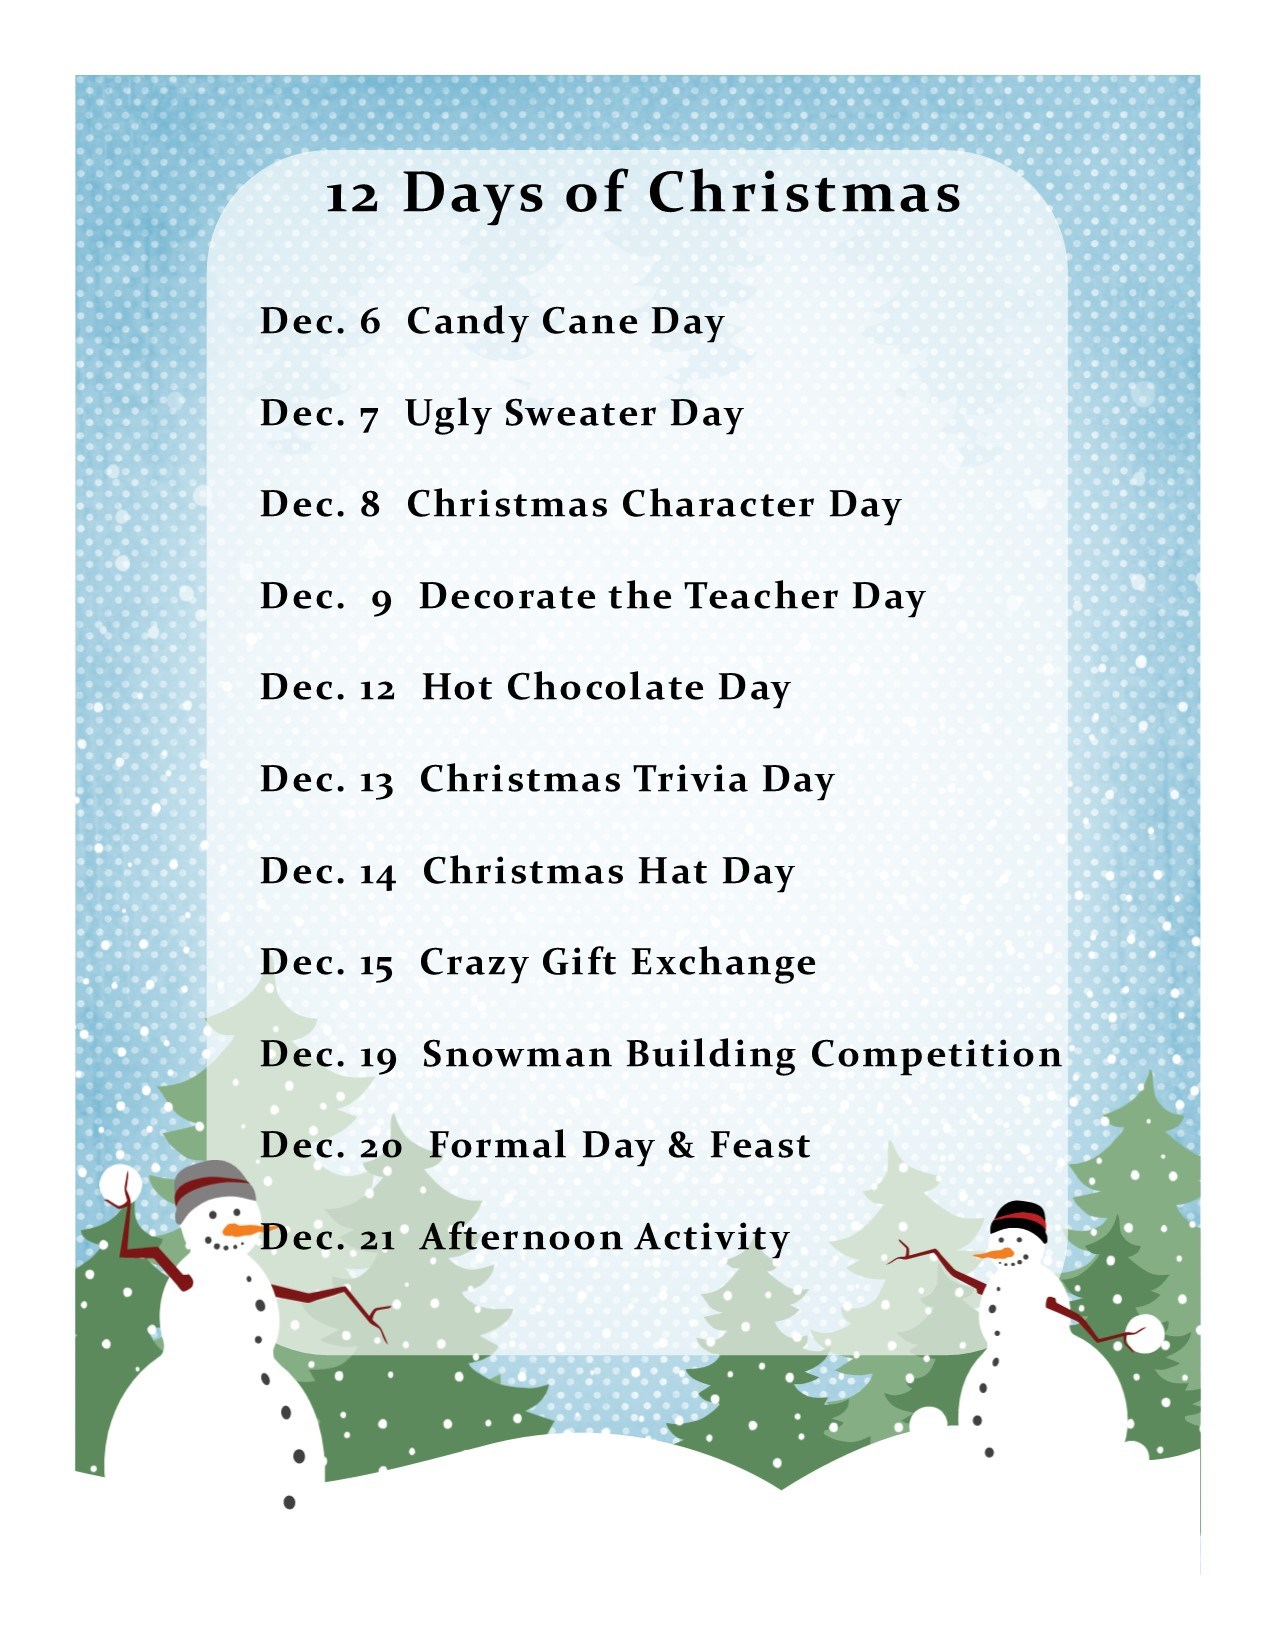 12daysofchristmas.jpg